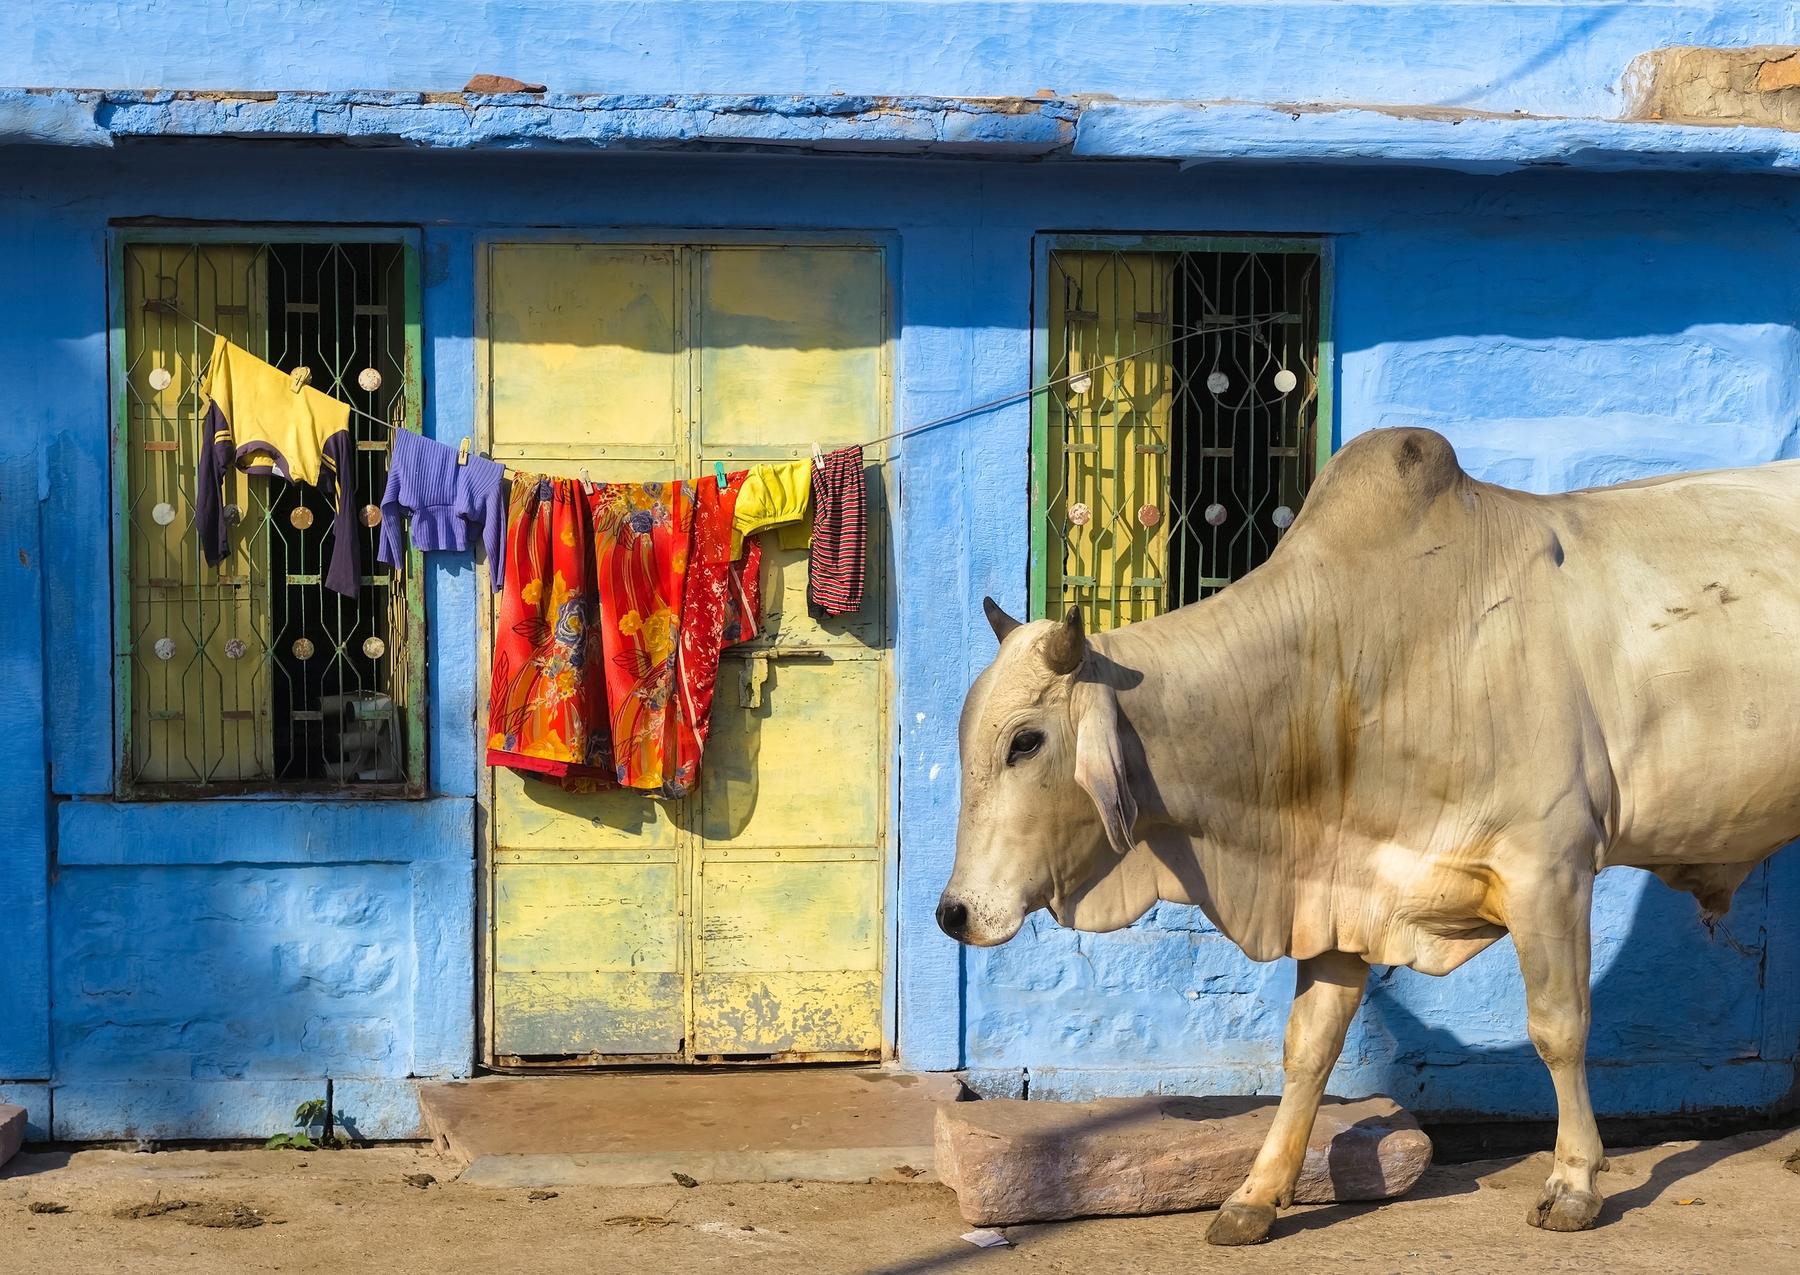 Самые яркие направления мечты: найти билеты в Индию